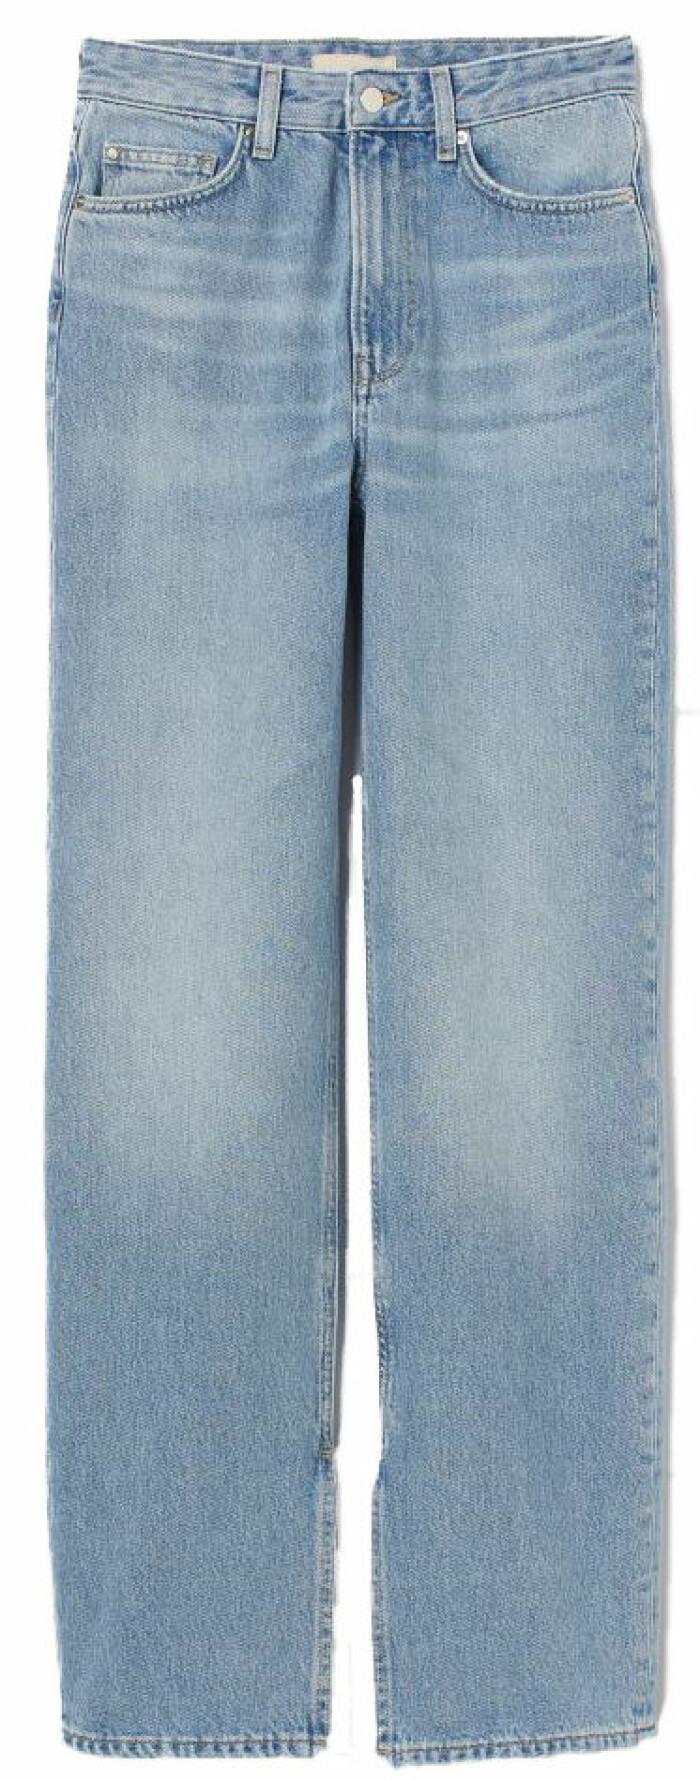 Jeans i rak modell från HM med dekorativ slits vid byxbenen .